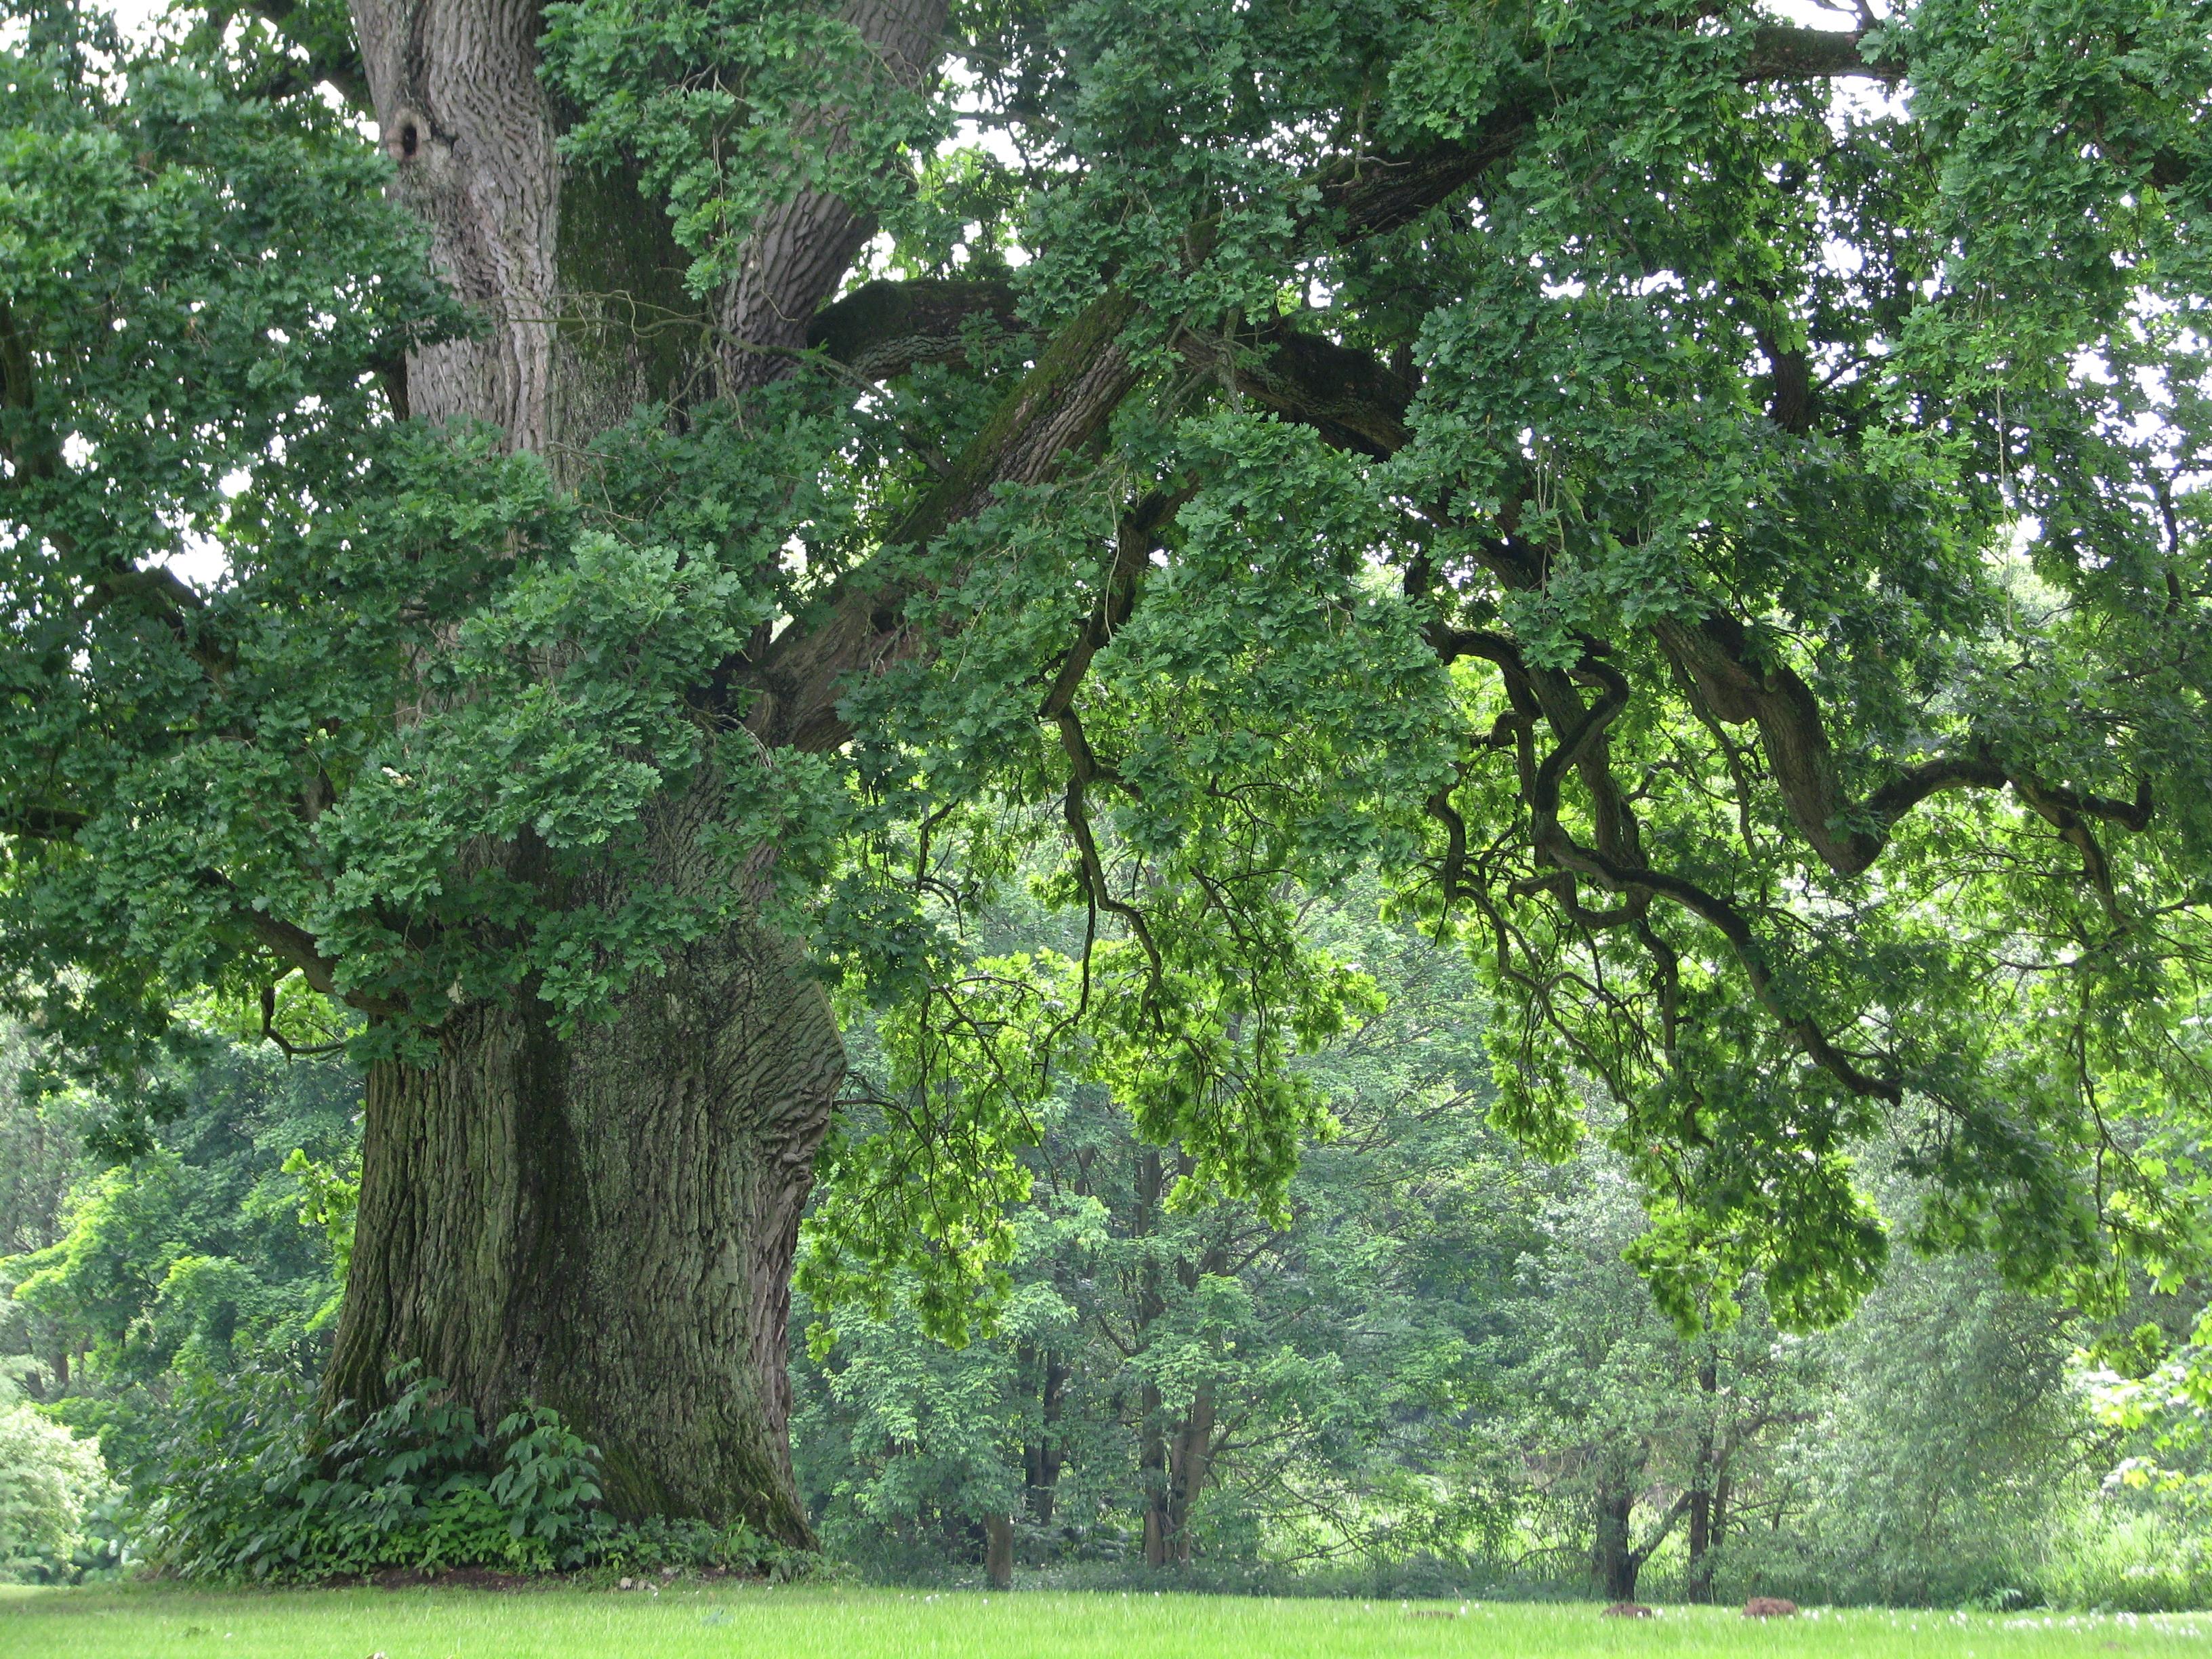 Bildkritik Eichenporträt: Schönheit am Rande des Waldes